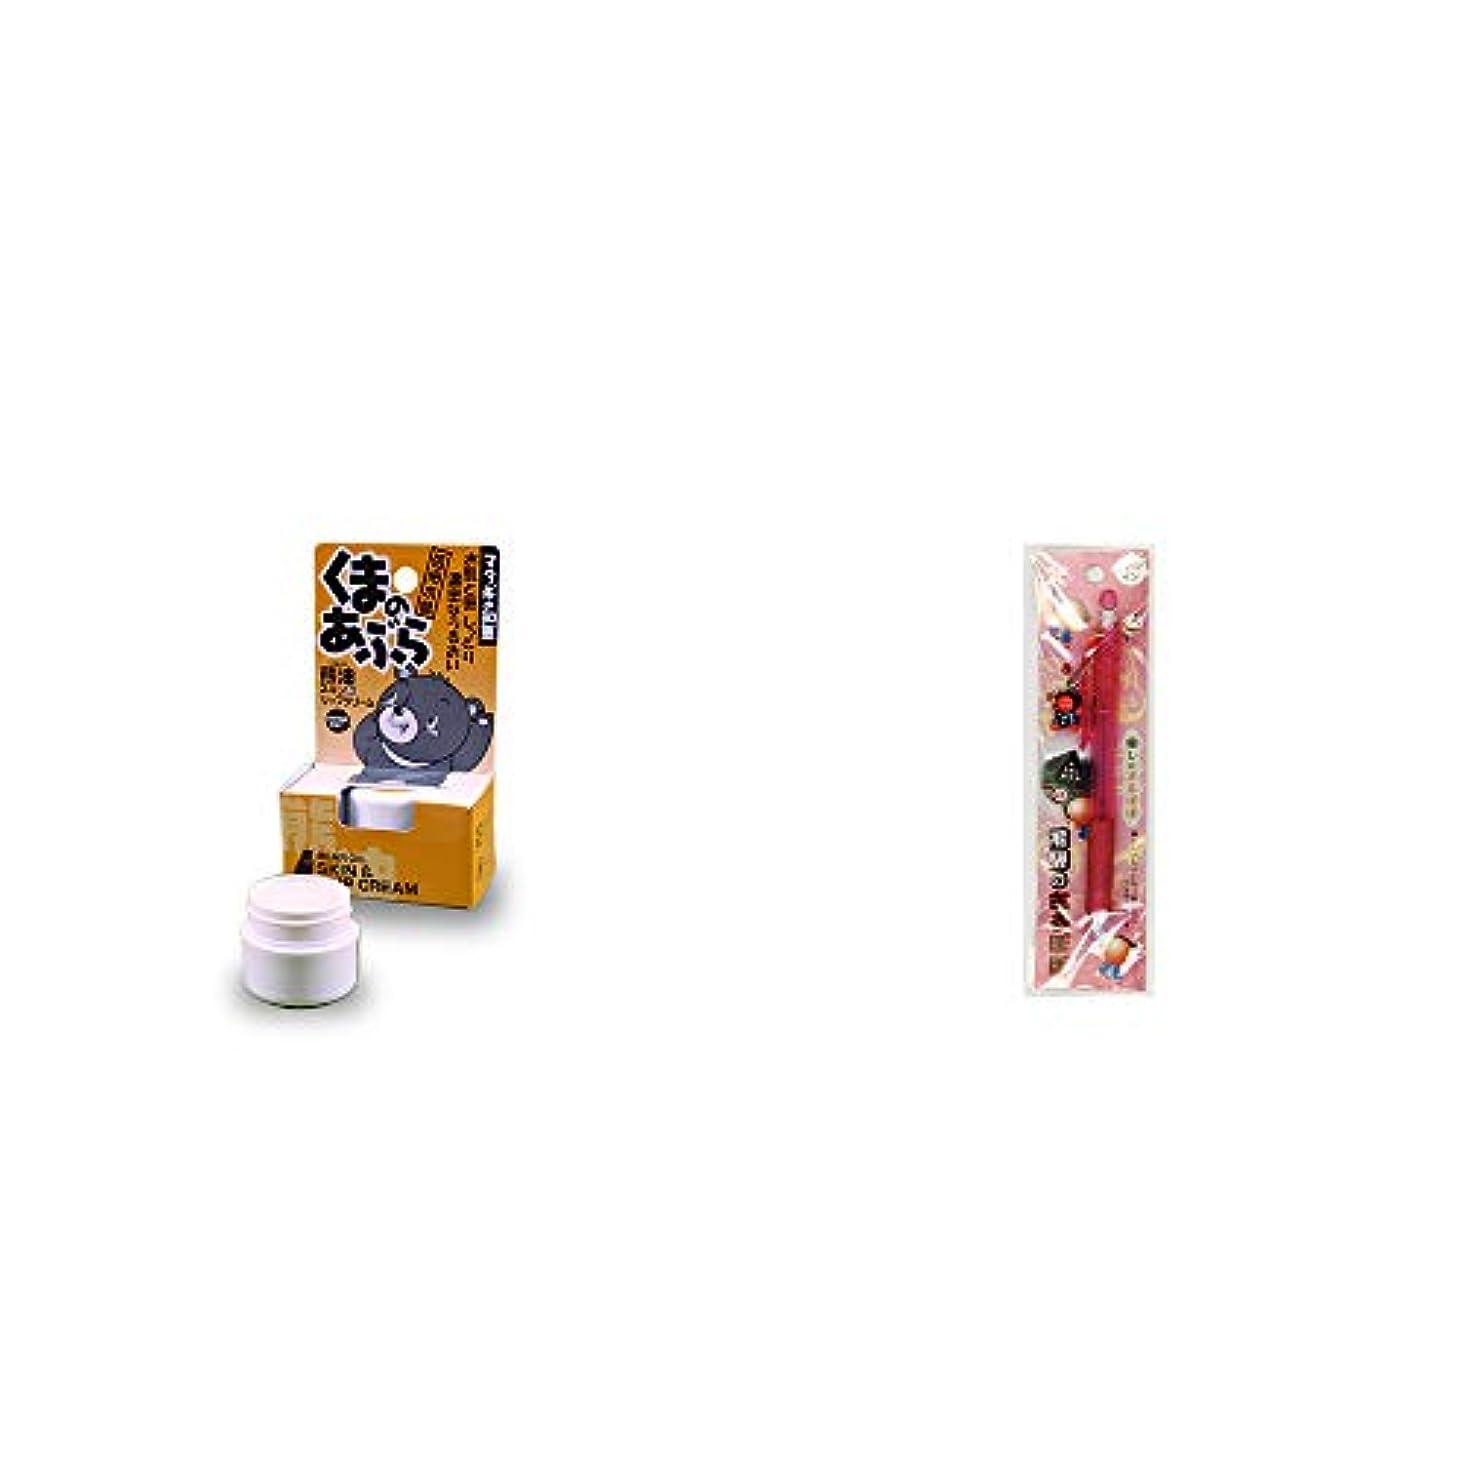 振動させる裁判所定規[2点セット] 信州木曽 くまのあぶら 熊油スキン&リップクリーム(9g)?さるぼぼ 癒しシャープペン 【ピンク】